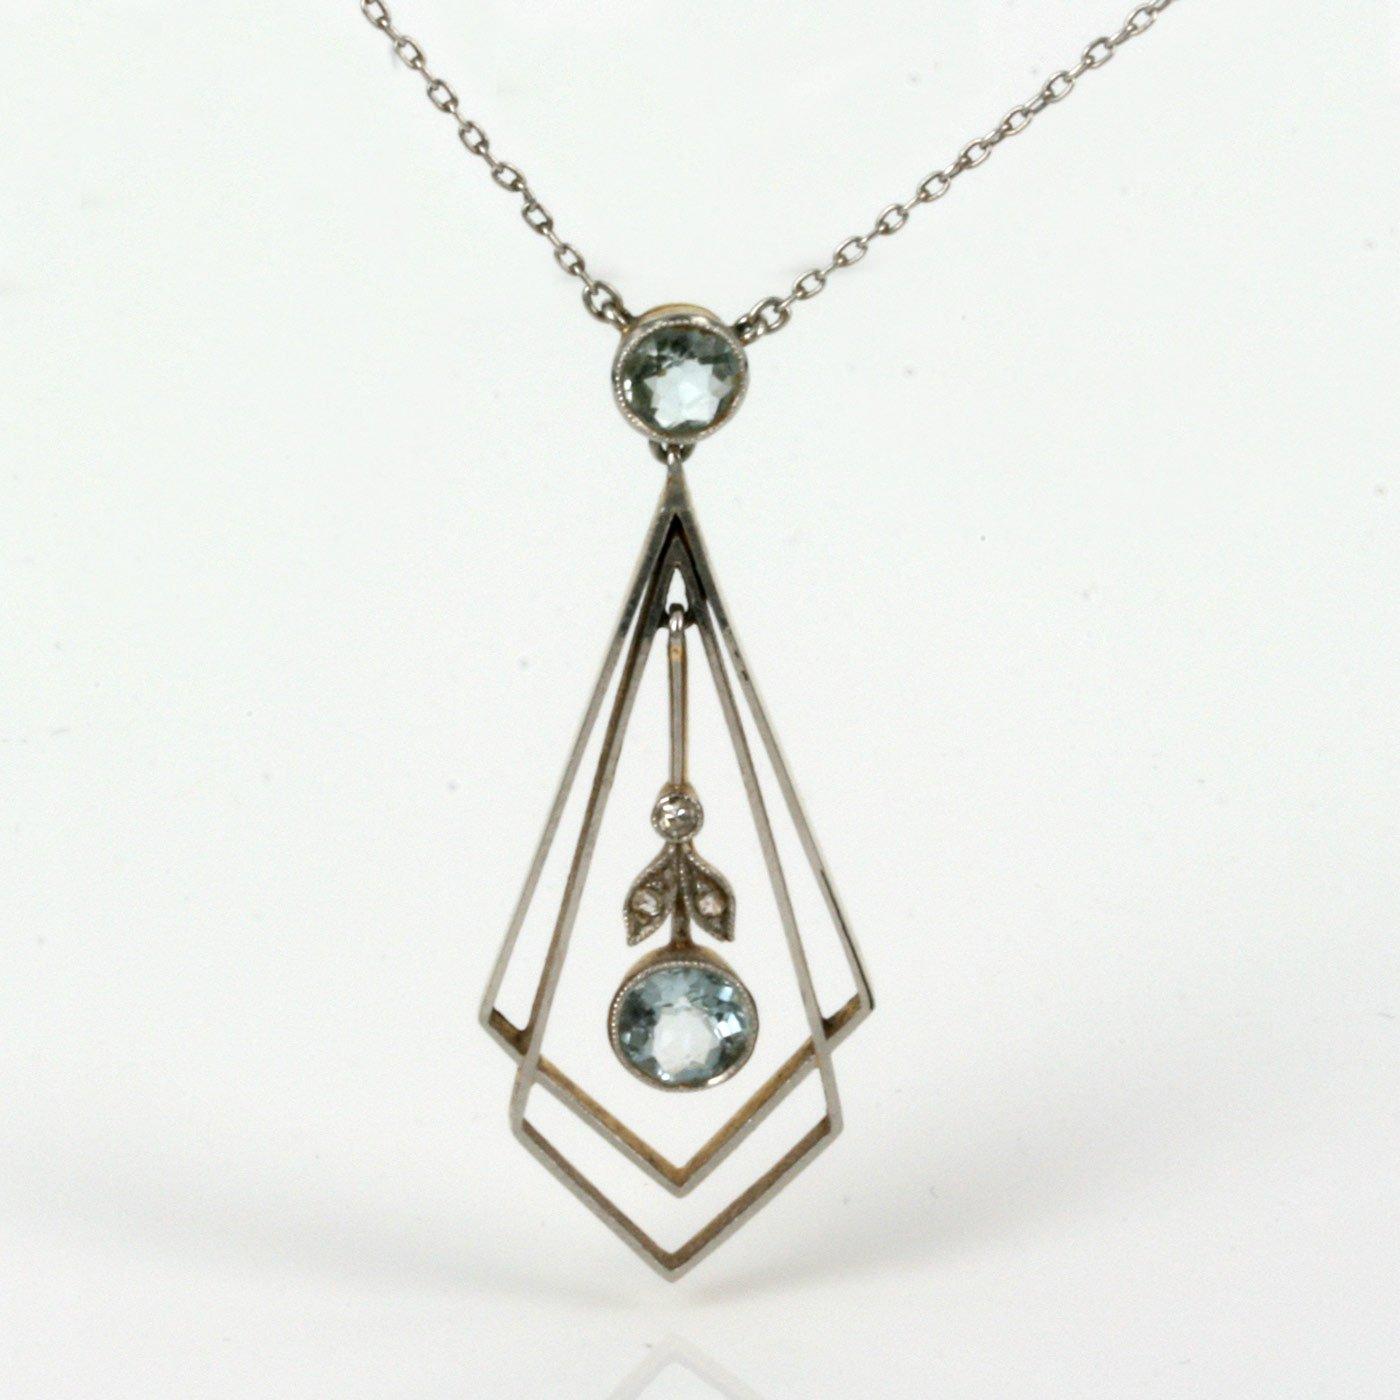 Buy 18ct platinum art deco aquamarine pendant sold items sold 18ct platinum art deco aquamarine pendant aloadofball Images